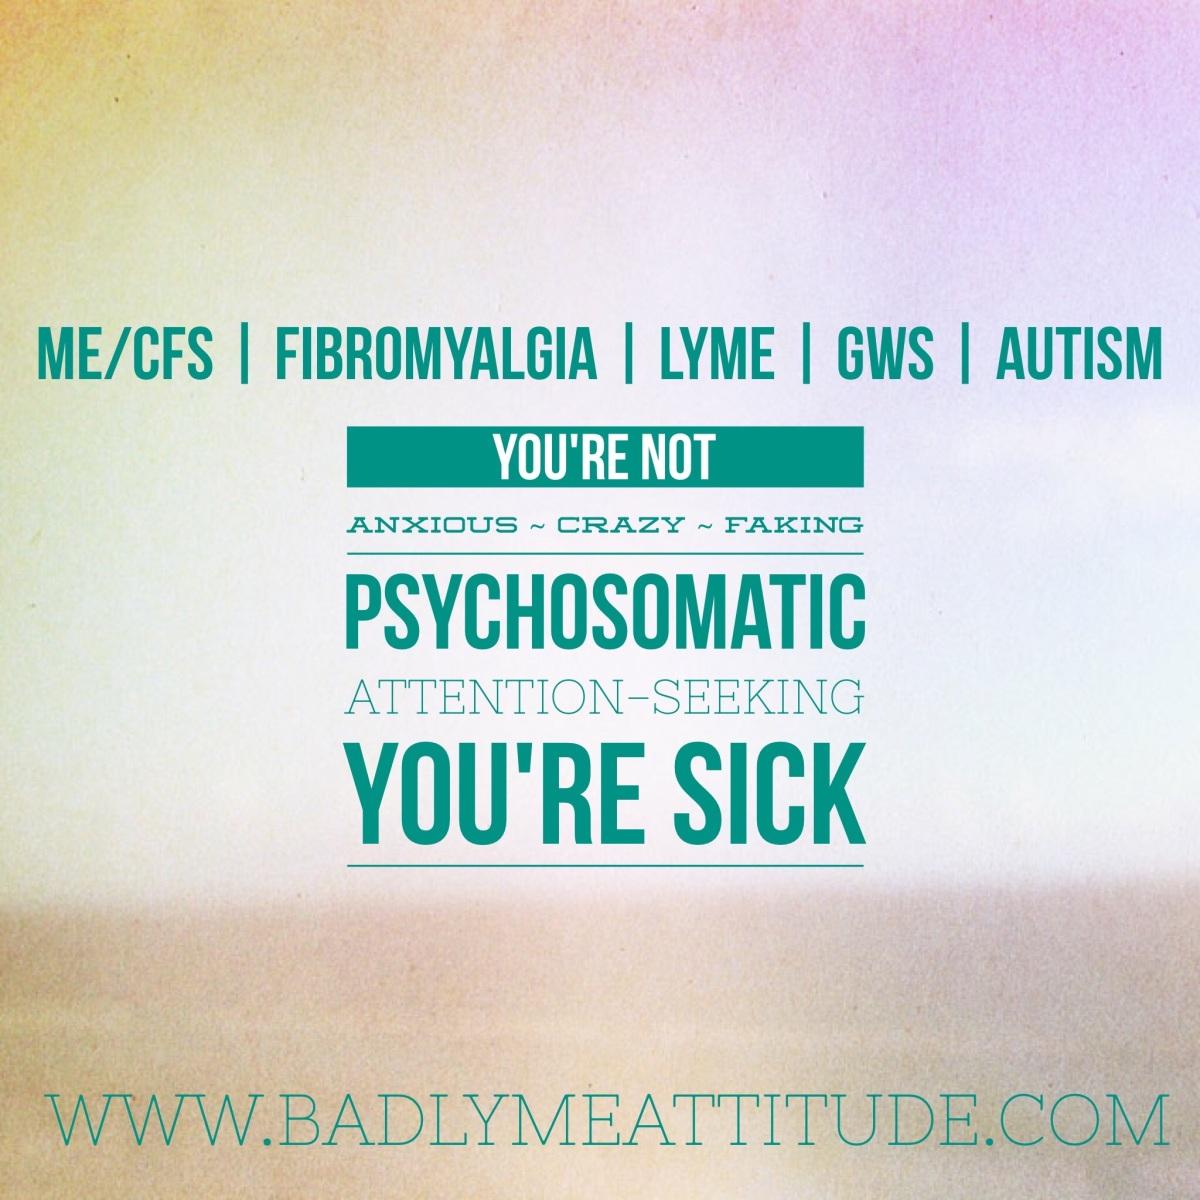 M.E./CFS/Fibromyalgia/Lyme/ Autism/GWS: Post-Sepsis Syndrome